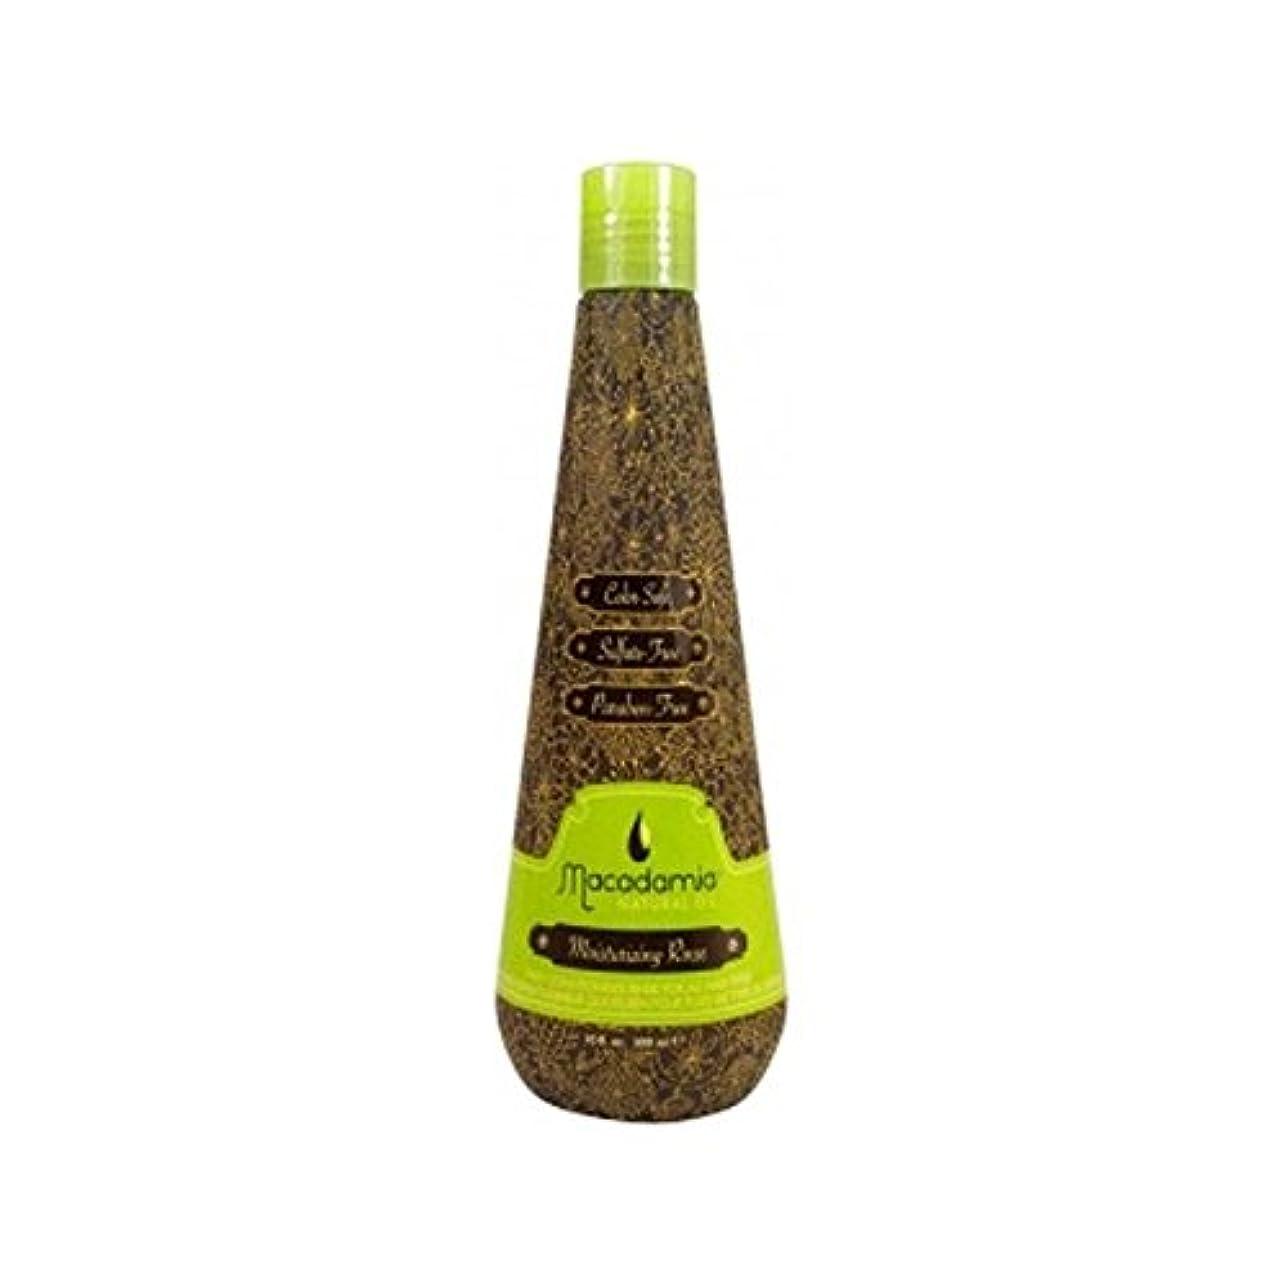 毒資金収入マカダミア保湿リンス(300ミリリットル) x2 - Macadamia Moisturising Rinse (300ml) (Pack of 2) [並行輸入品]